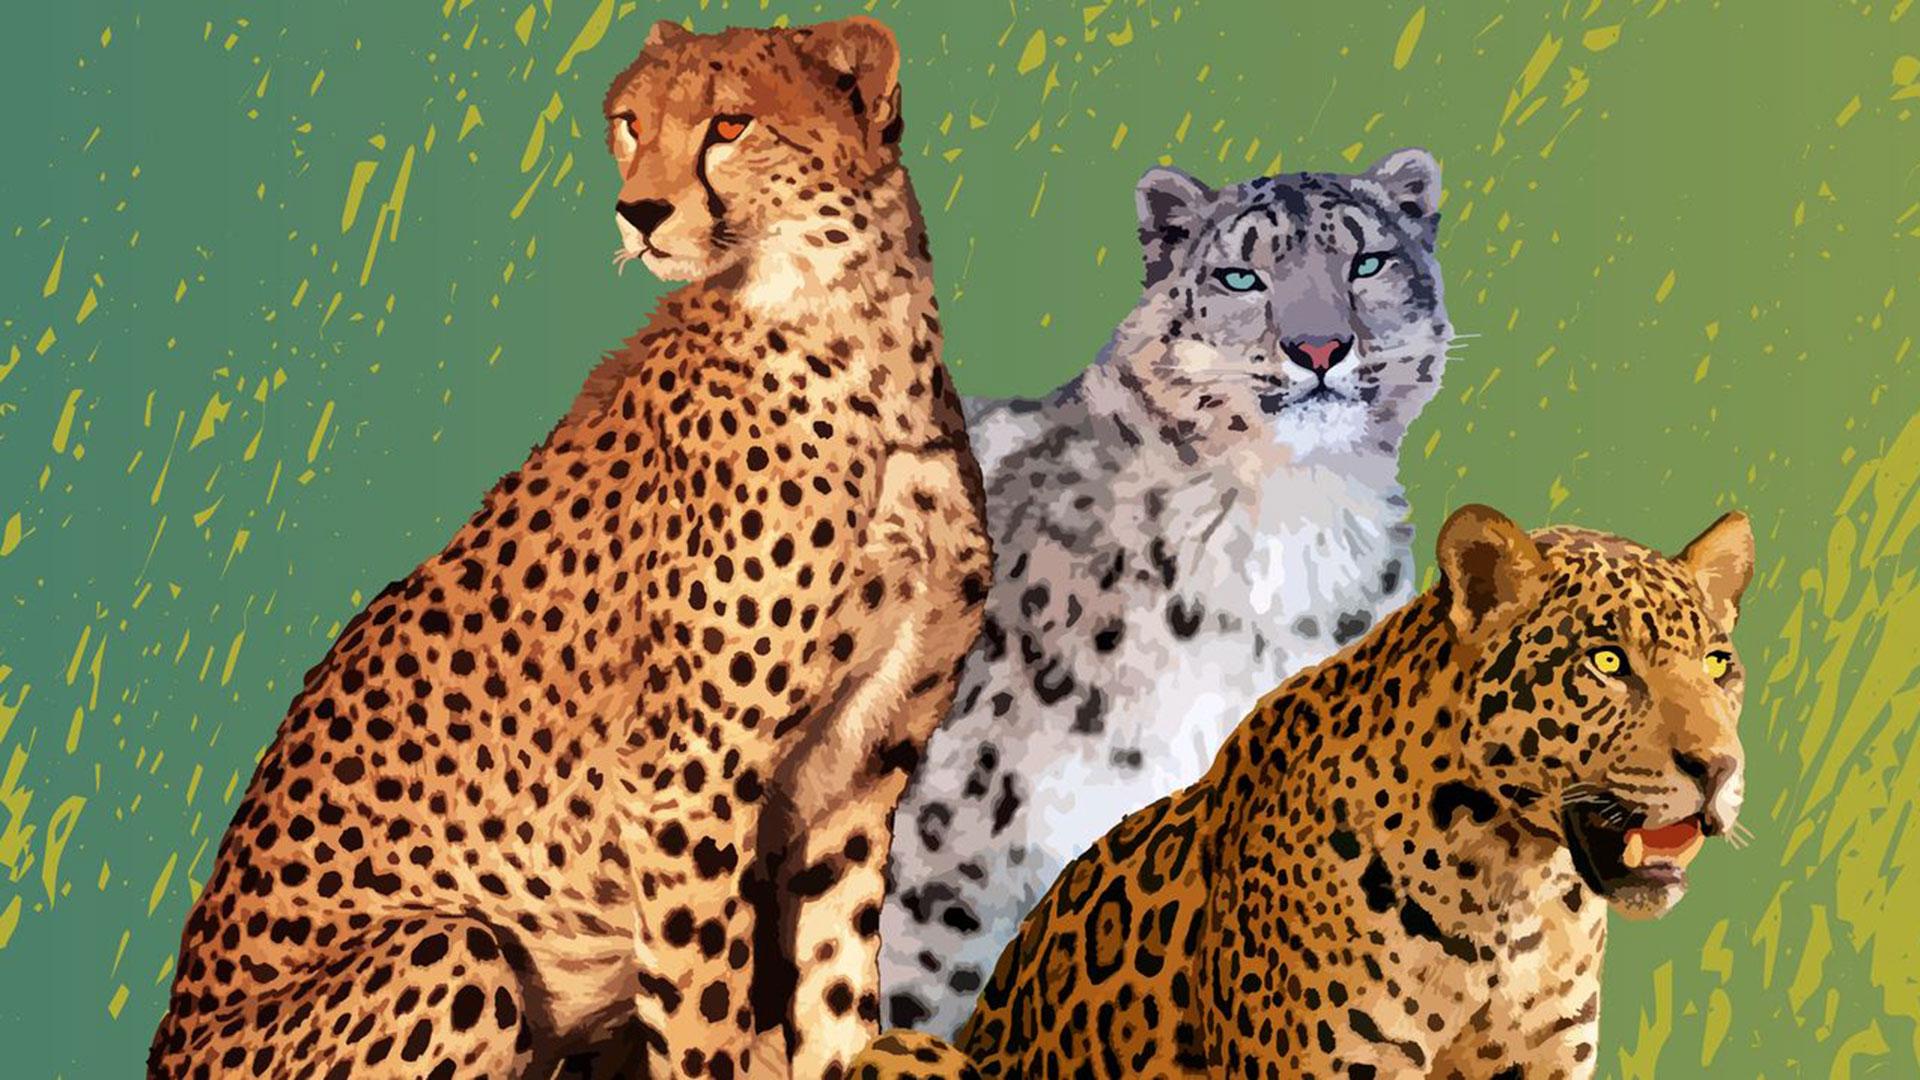 Wie können wir die Jaguare schützen? Warum sind sie wichtig?